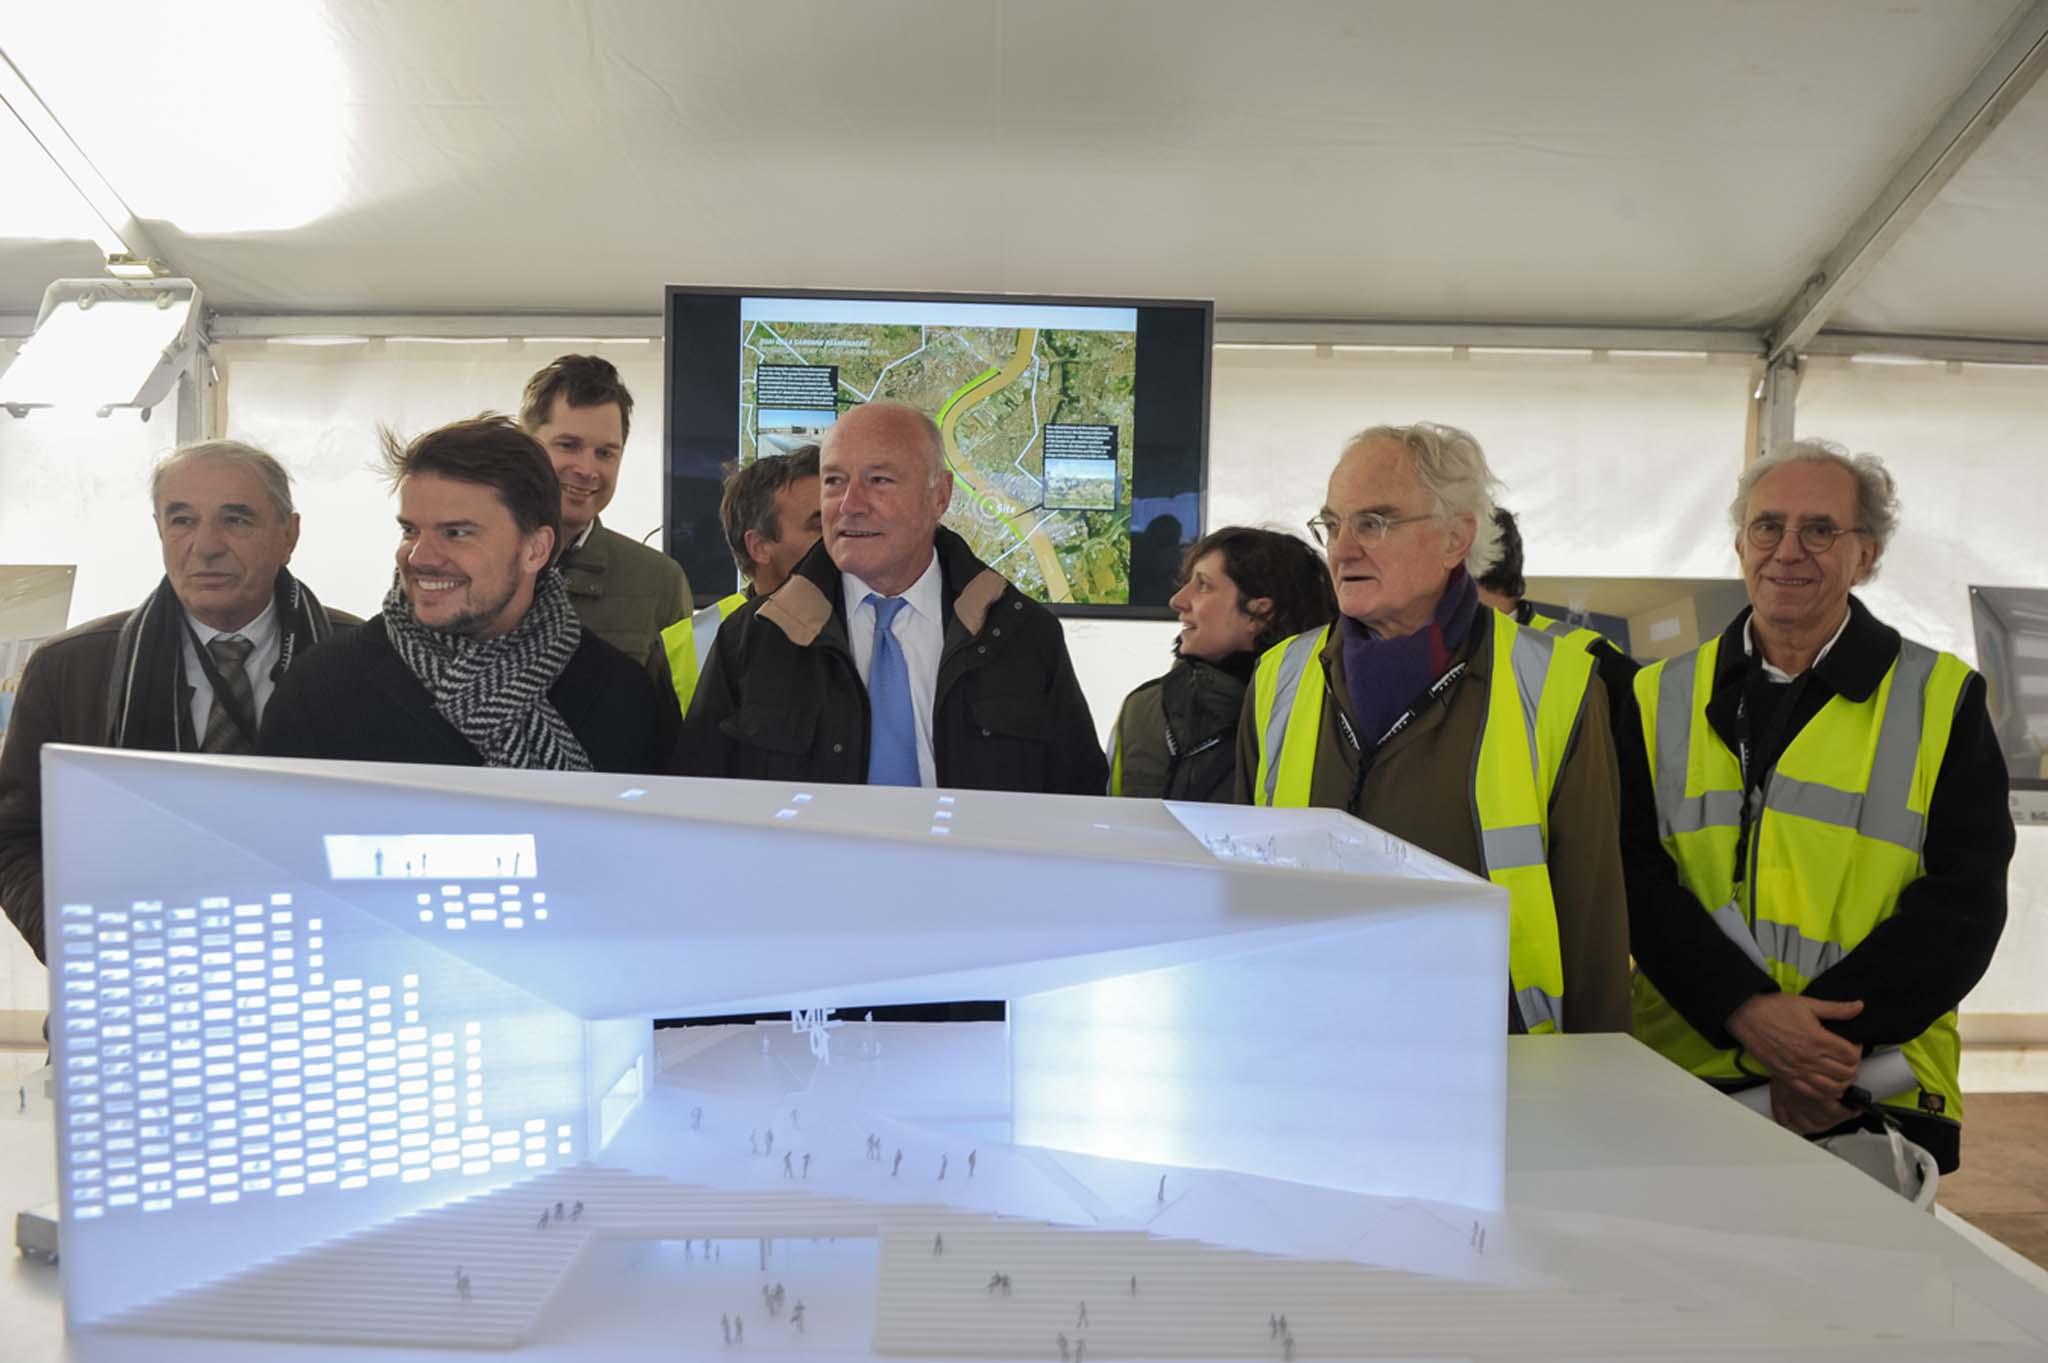 Devant la maquette de la Méca, Alain Rousset, président de Nouvelle-Aquitane, entouré à sa gauche par Bjarke Ingels, architecte de la Méca, et à sa droite par Bernard de Montferrand, président du Frac Aquitaine. Photo DR